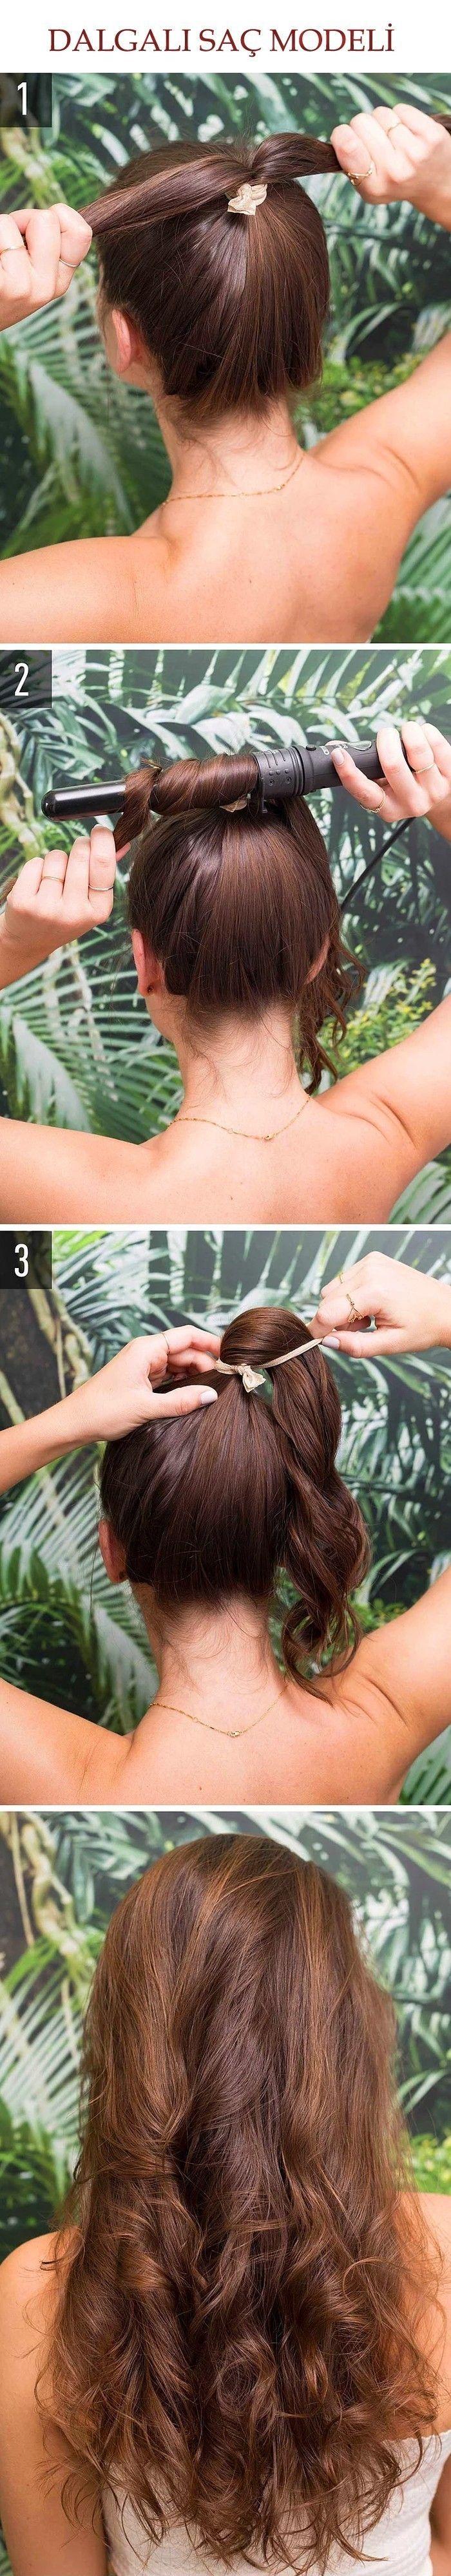 Saçlarınızı Dalgalı Yapmanın En Pratik Yolu Bu Saç Modeli @kadinedio #kadın #kadin #women #woman #saç #saçmodeli #sacmodeli #hairstyle #hair